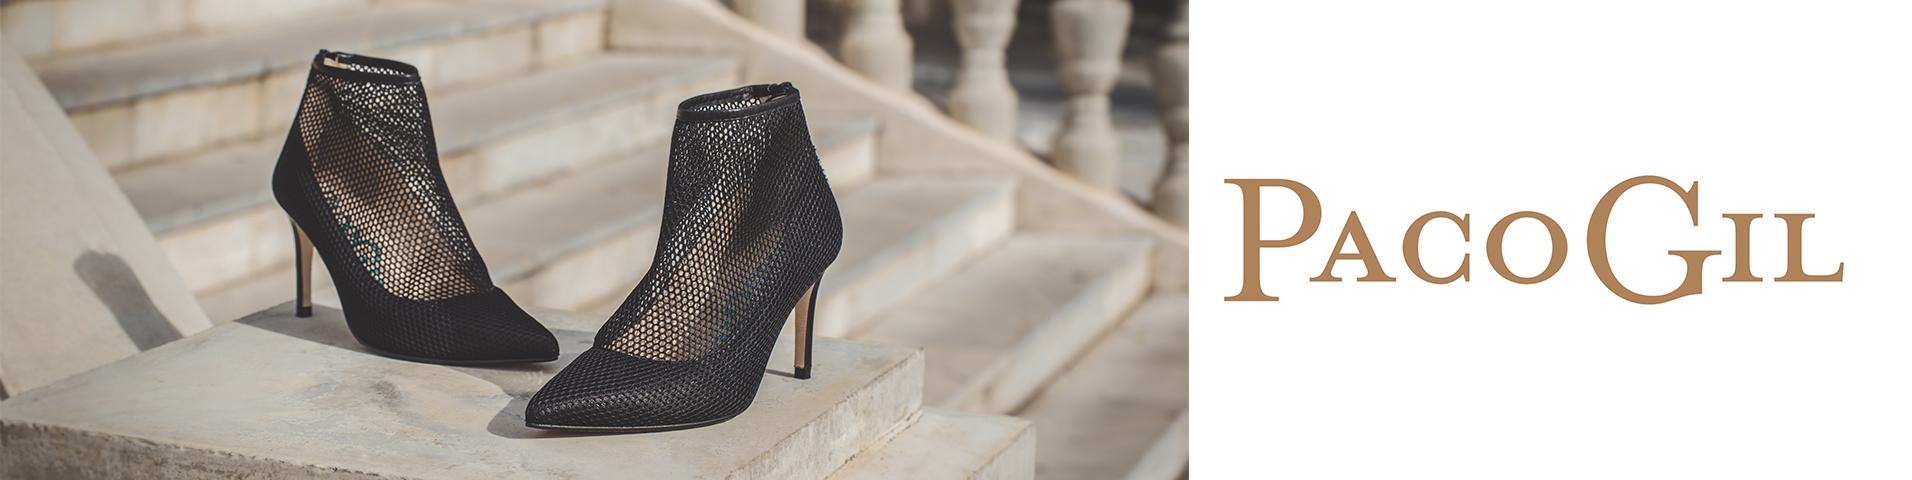 db38948444e39b Chaussures femme Paco Gil | Livraison gratuite avec Zalando